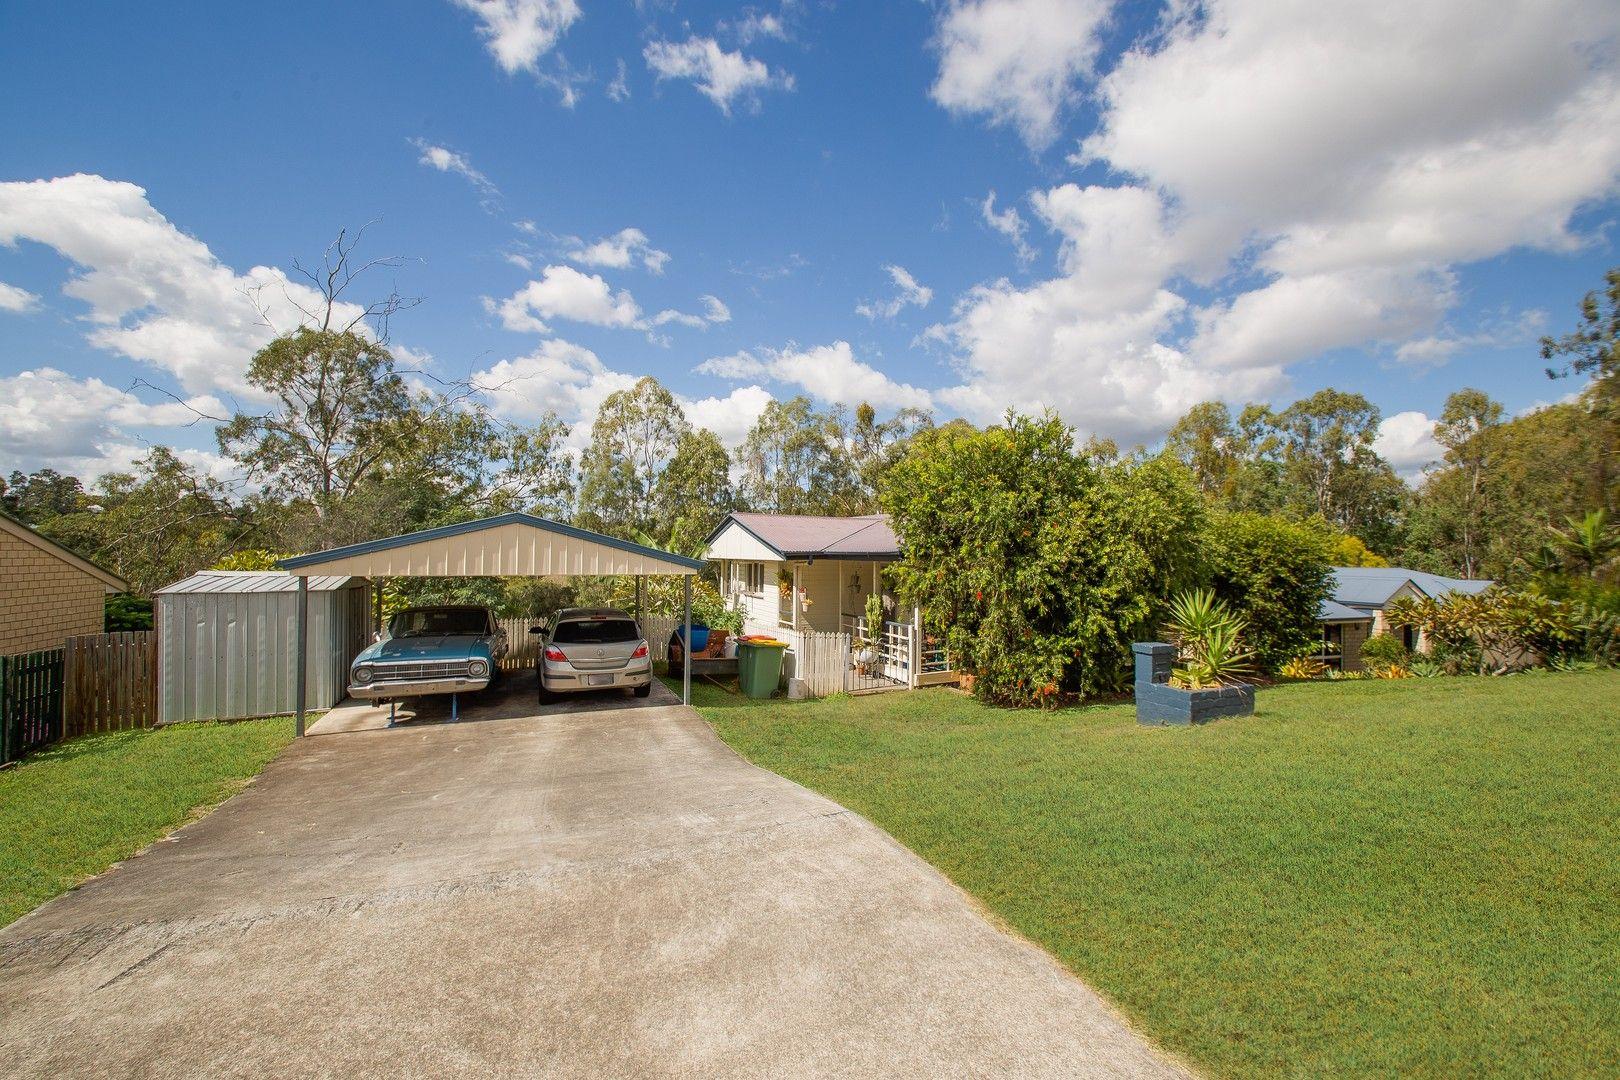 37 Palma Rosa Drive, Wulkuraka QLD 4305, Image 1